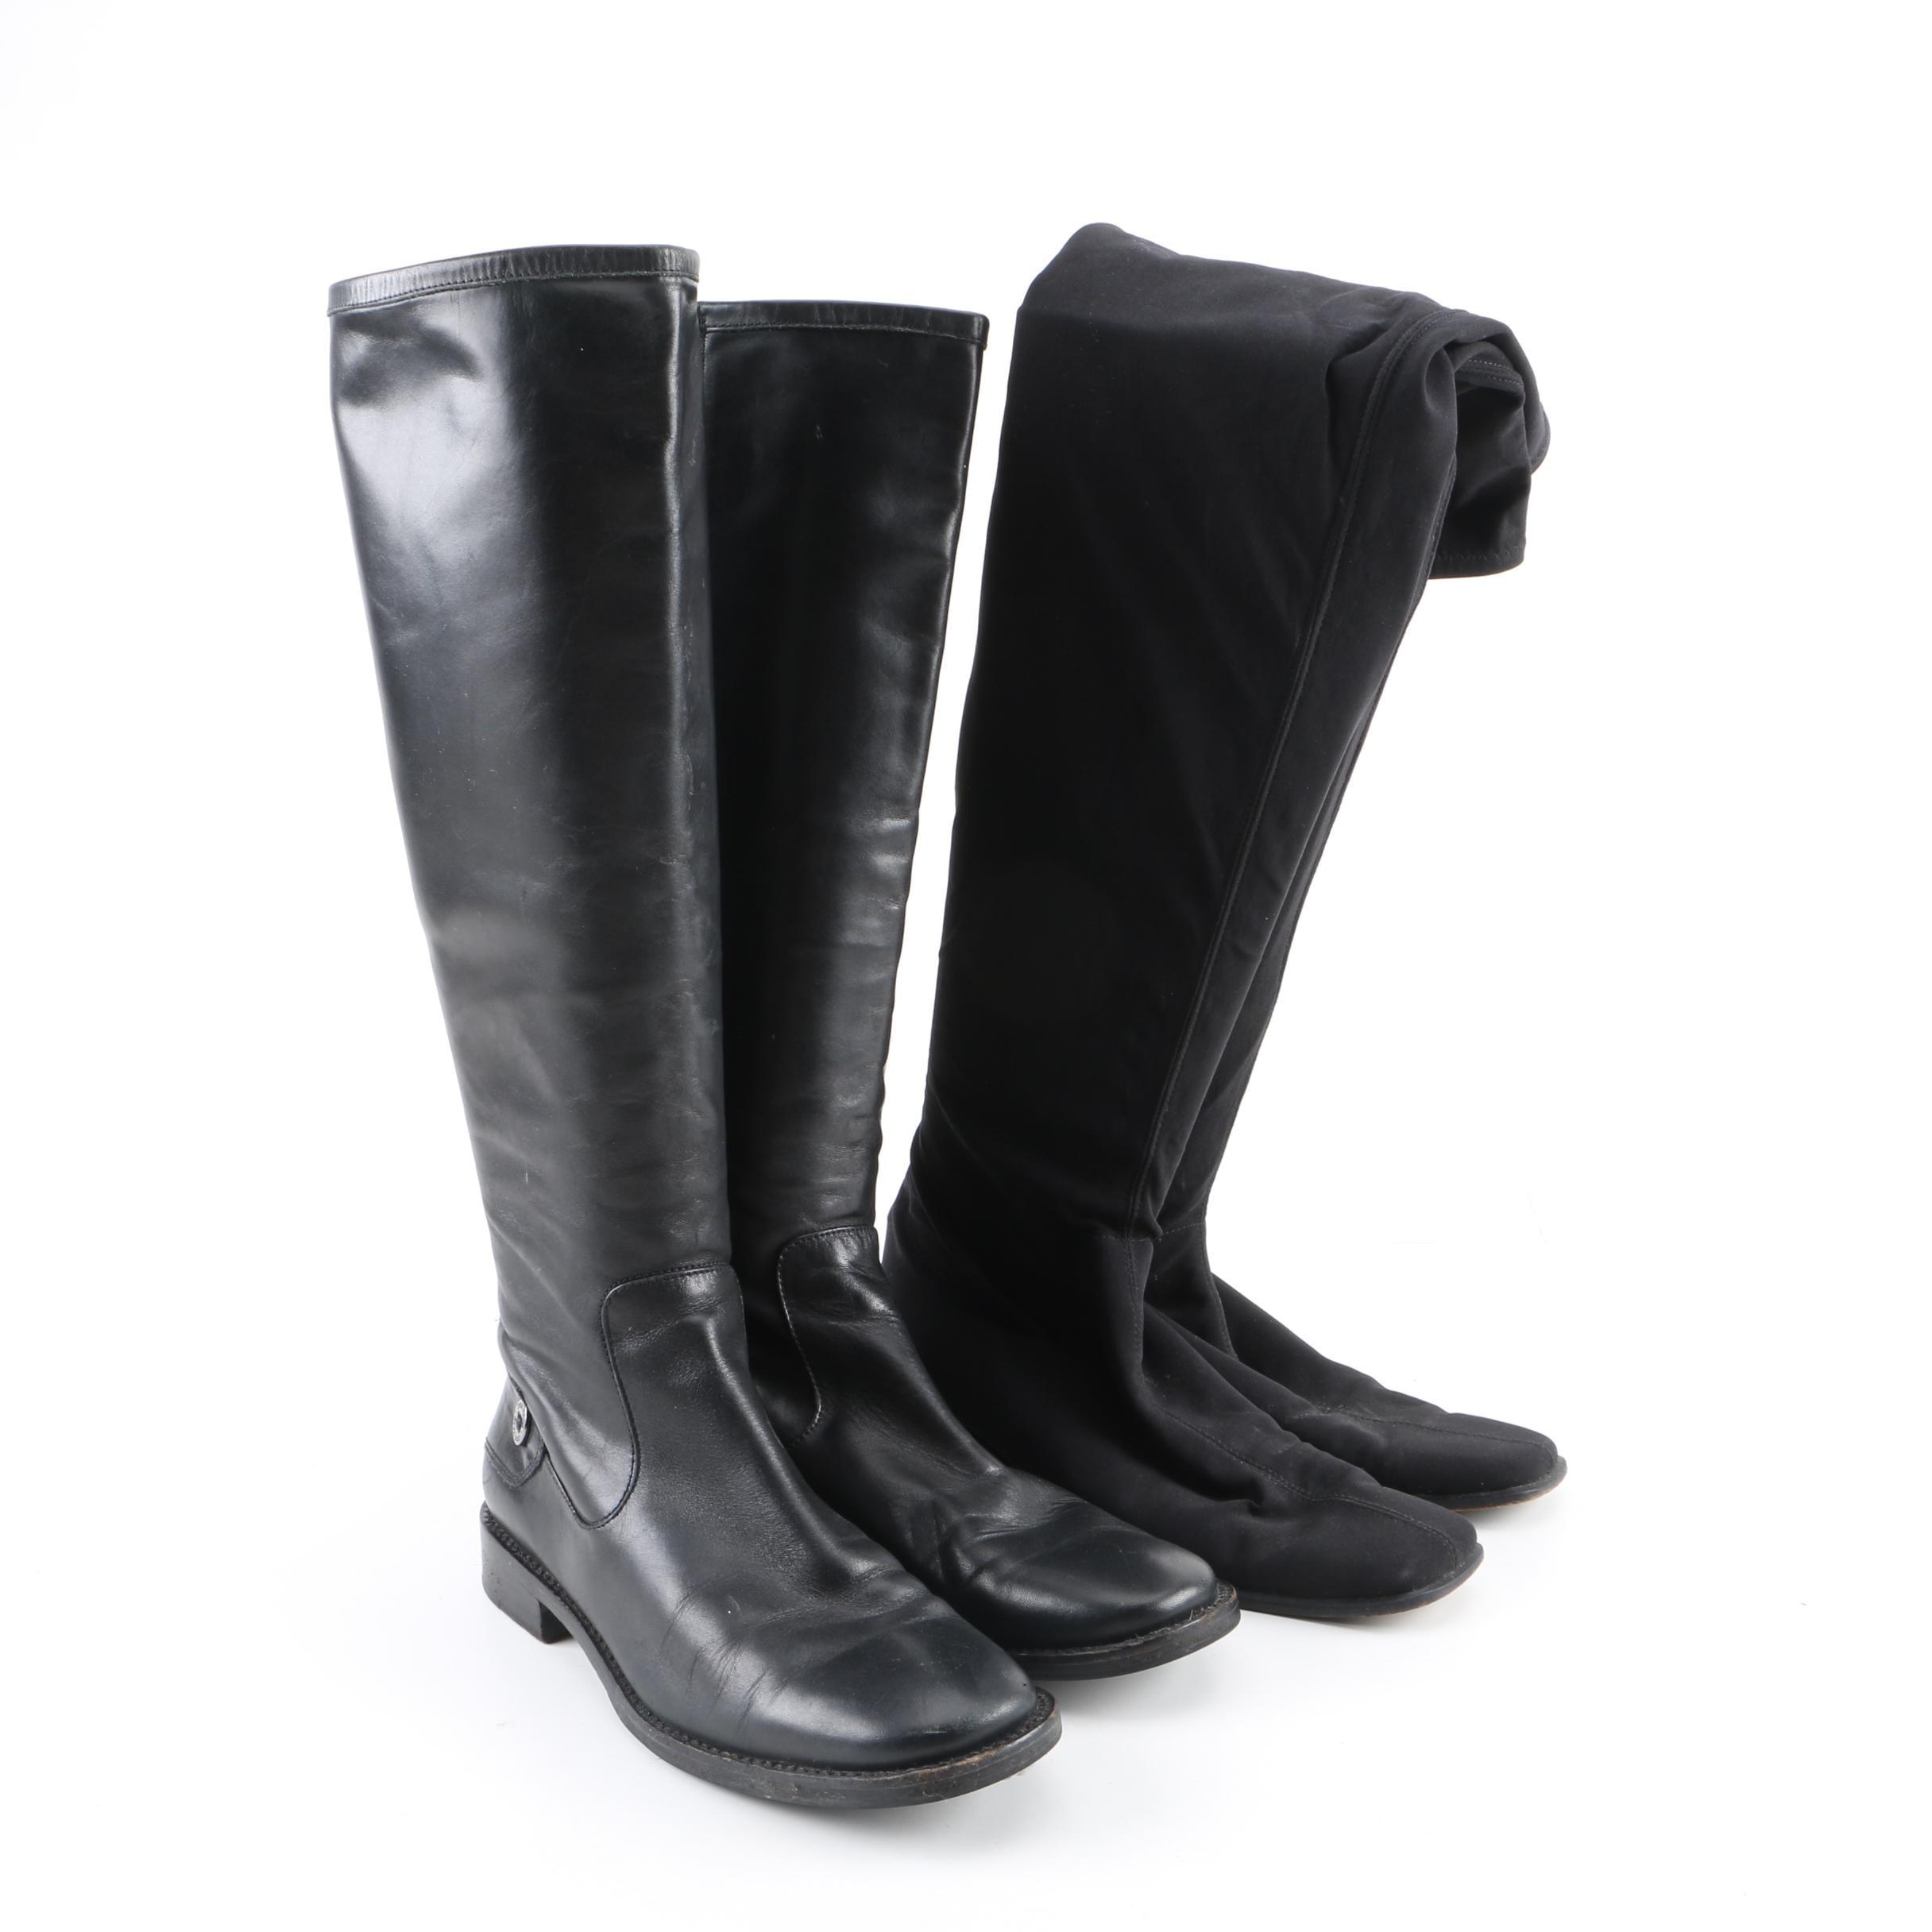 Women's Cole Haan and Stuart Weitzman Black Boots